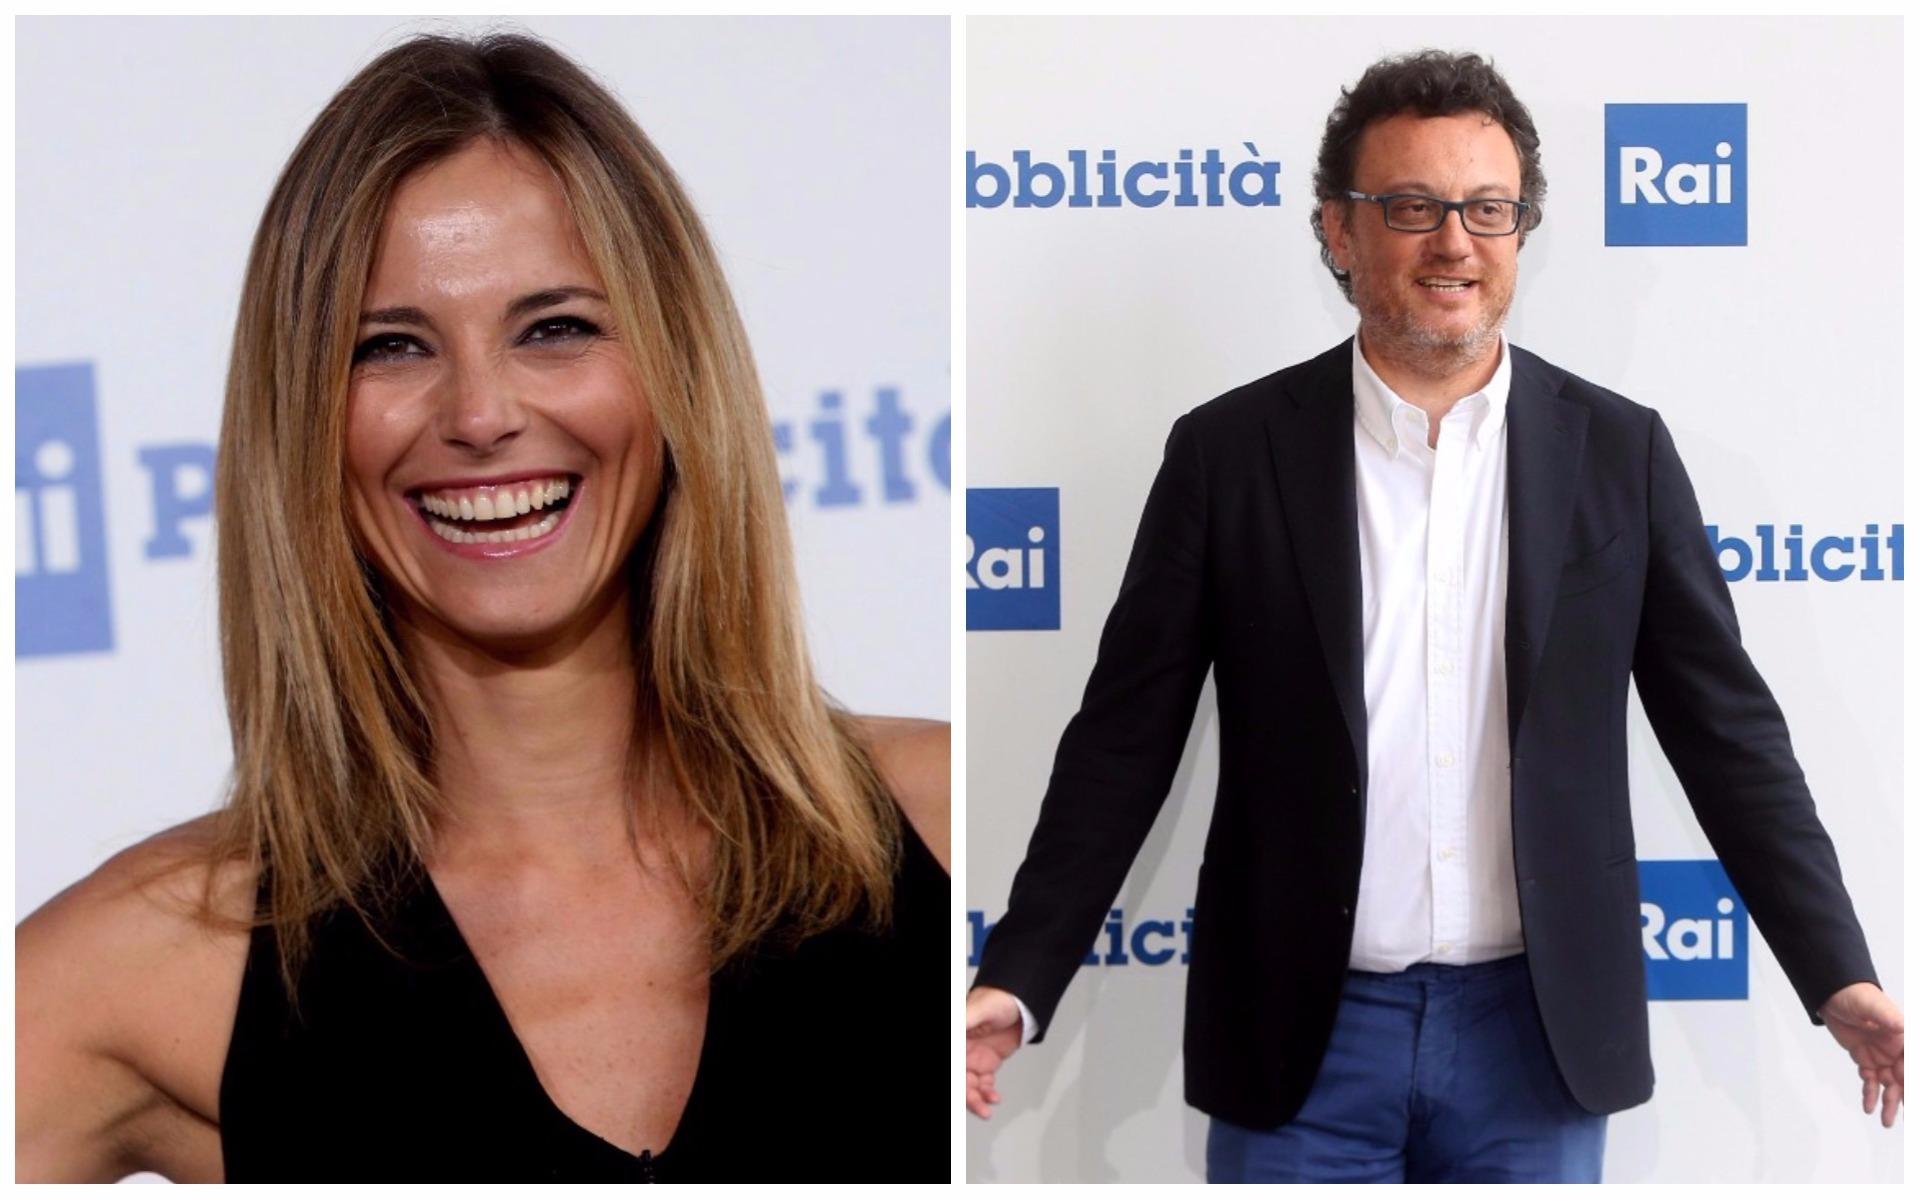 La conduttrice Francesca Fialdini e il direttore della Rai Mario Orfeo stanno insieme?